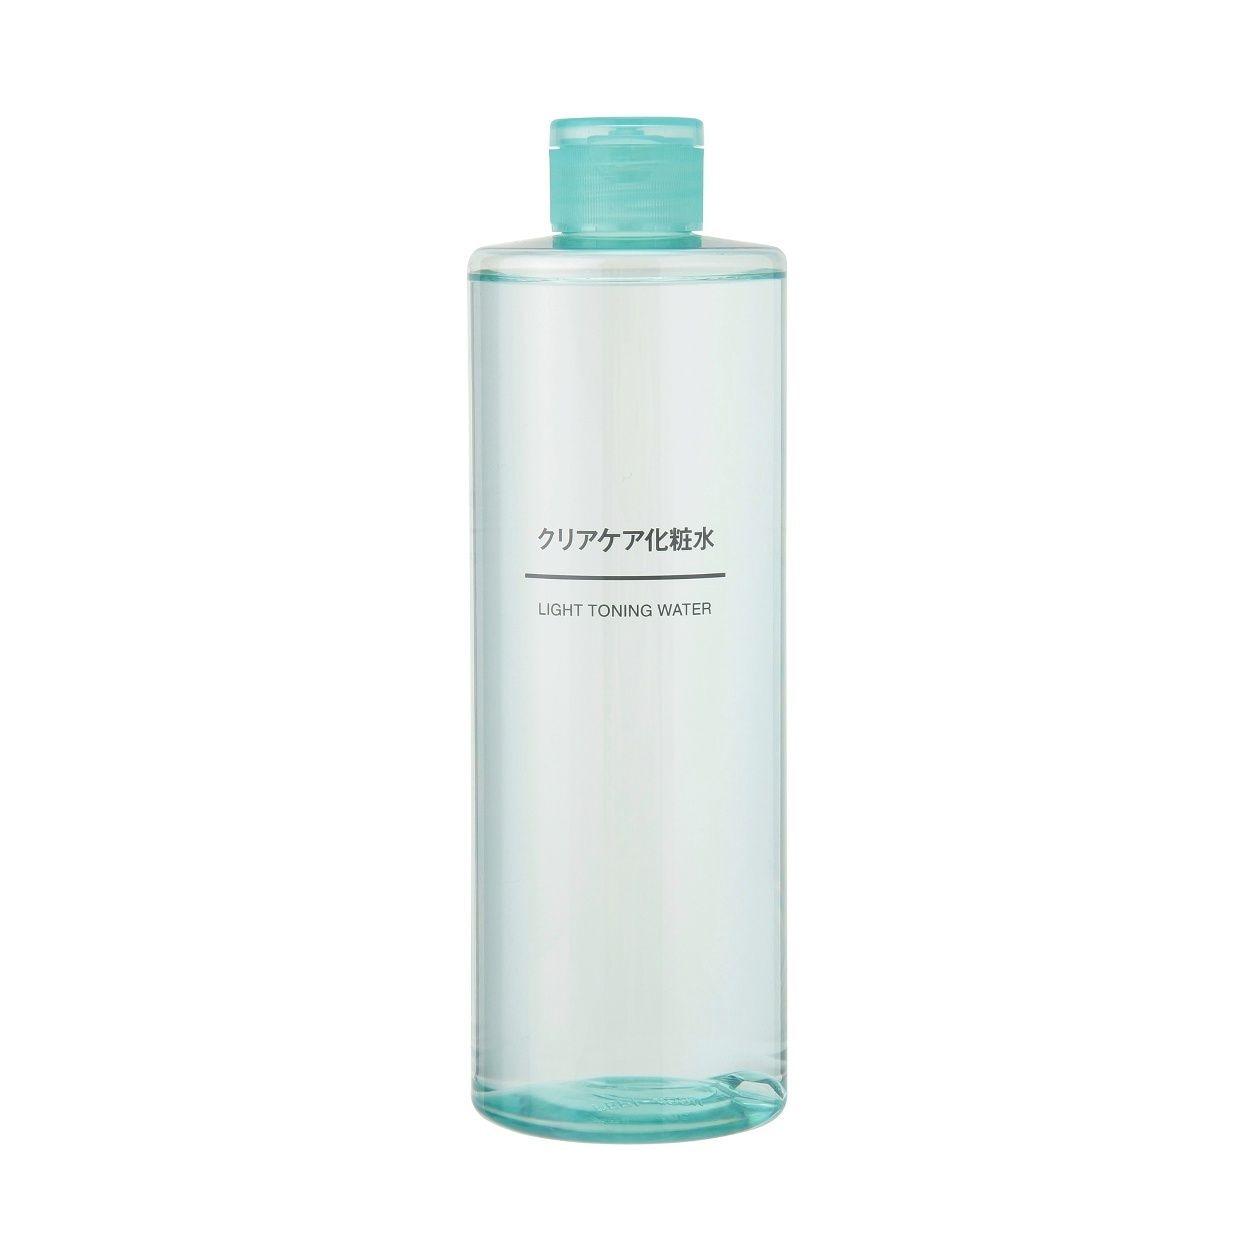 クリアケア化粧水(大容量)400ml 通販 | 無印良品